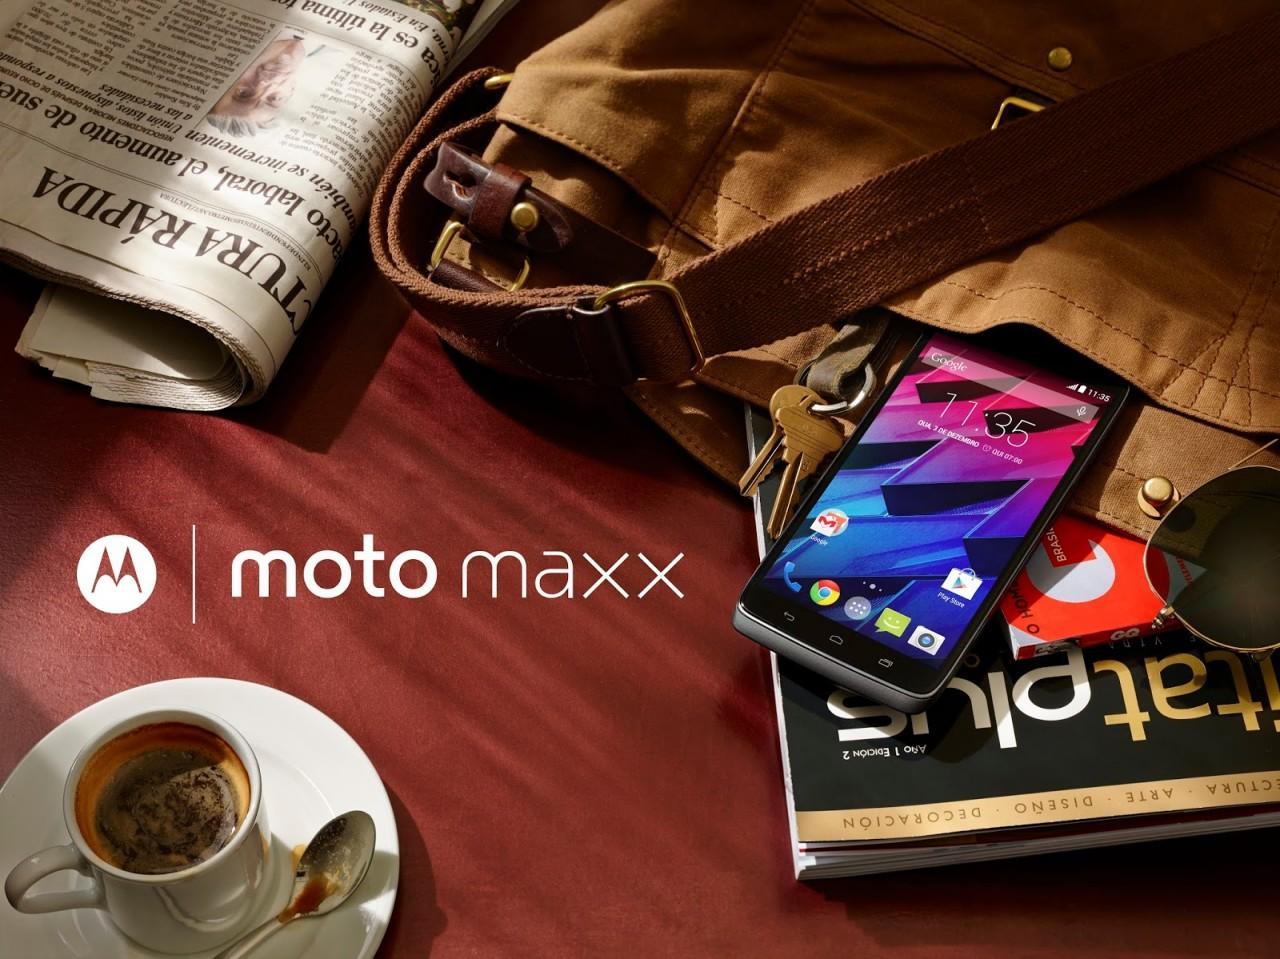 Motorola Moto Maxx: così bello e impossibile che arriverà solo in America Latina